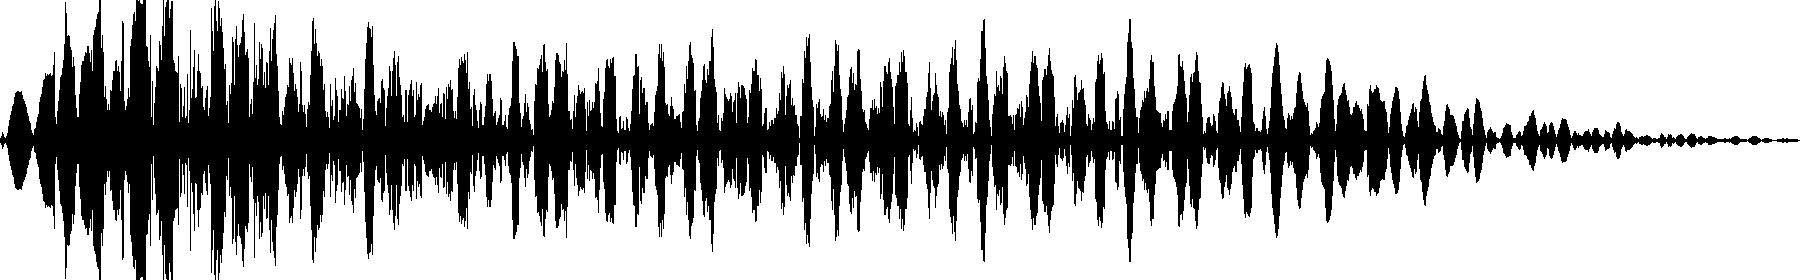 veh2 synths   043 c